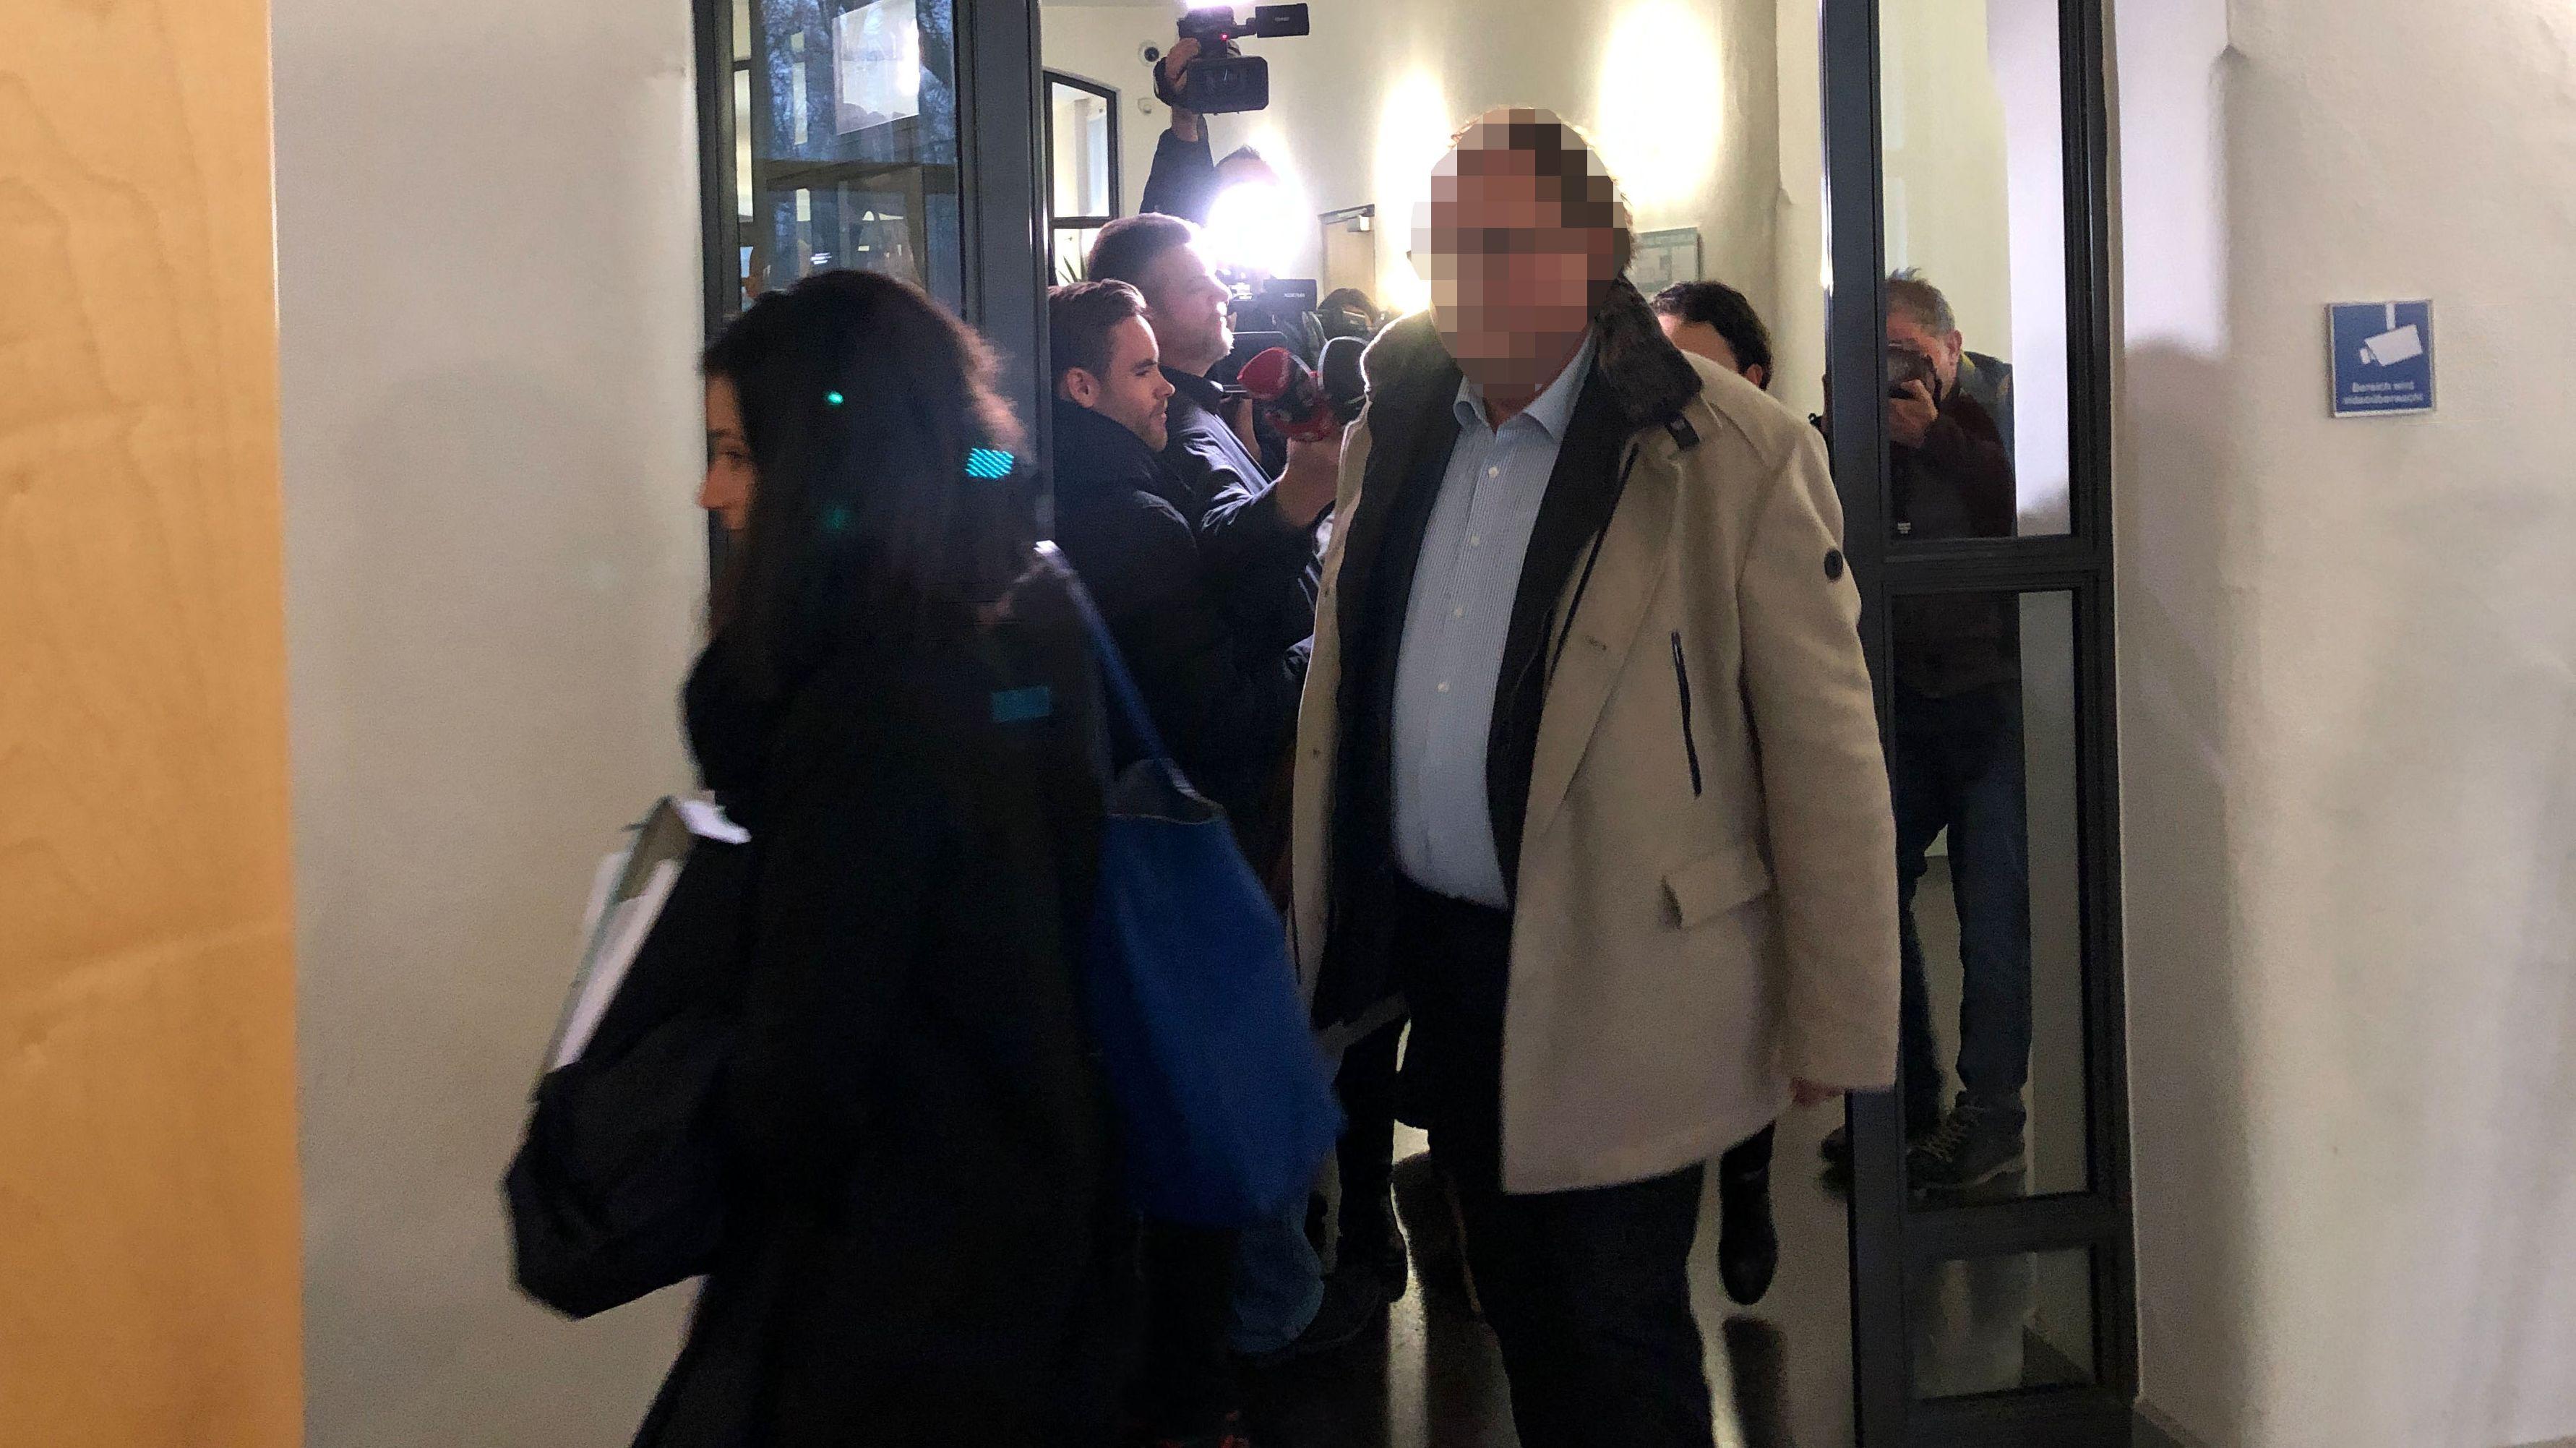 Angeklagt ist ein Unternehmer, der die Kommunalwahl 2014 in Geiselhöring gefälscht haben soll.